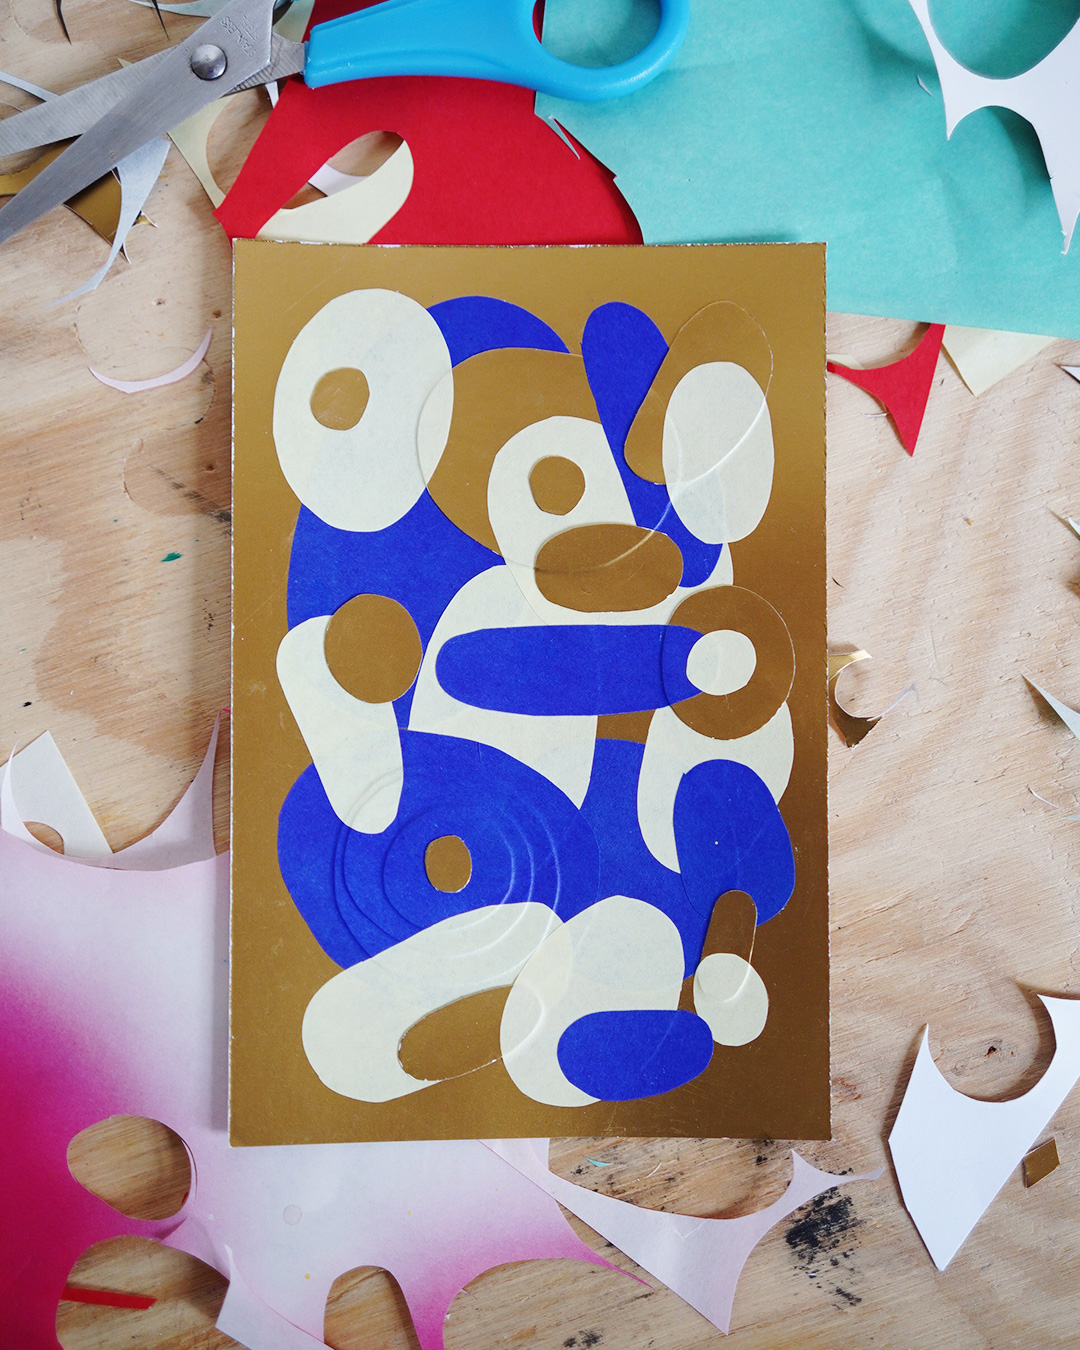 Petit collage de papier bleu et or sur fond doré format A6